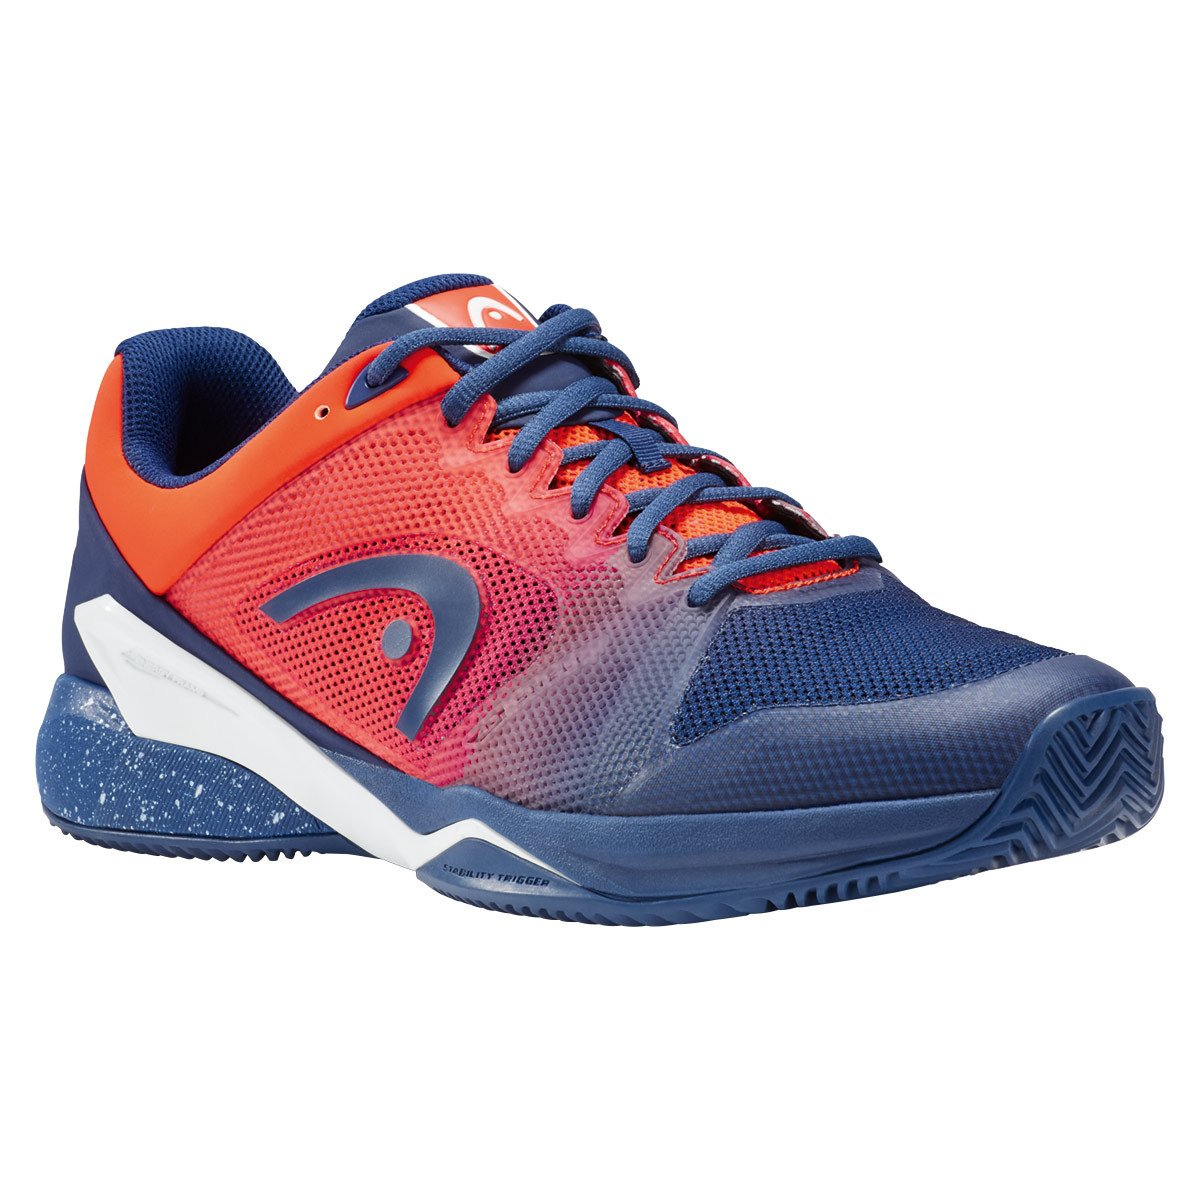 Head - Revolt Pro 2.5 Clay Hombre Zapatillas de tenis: Amazon.es: Deportes y aire libre